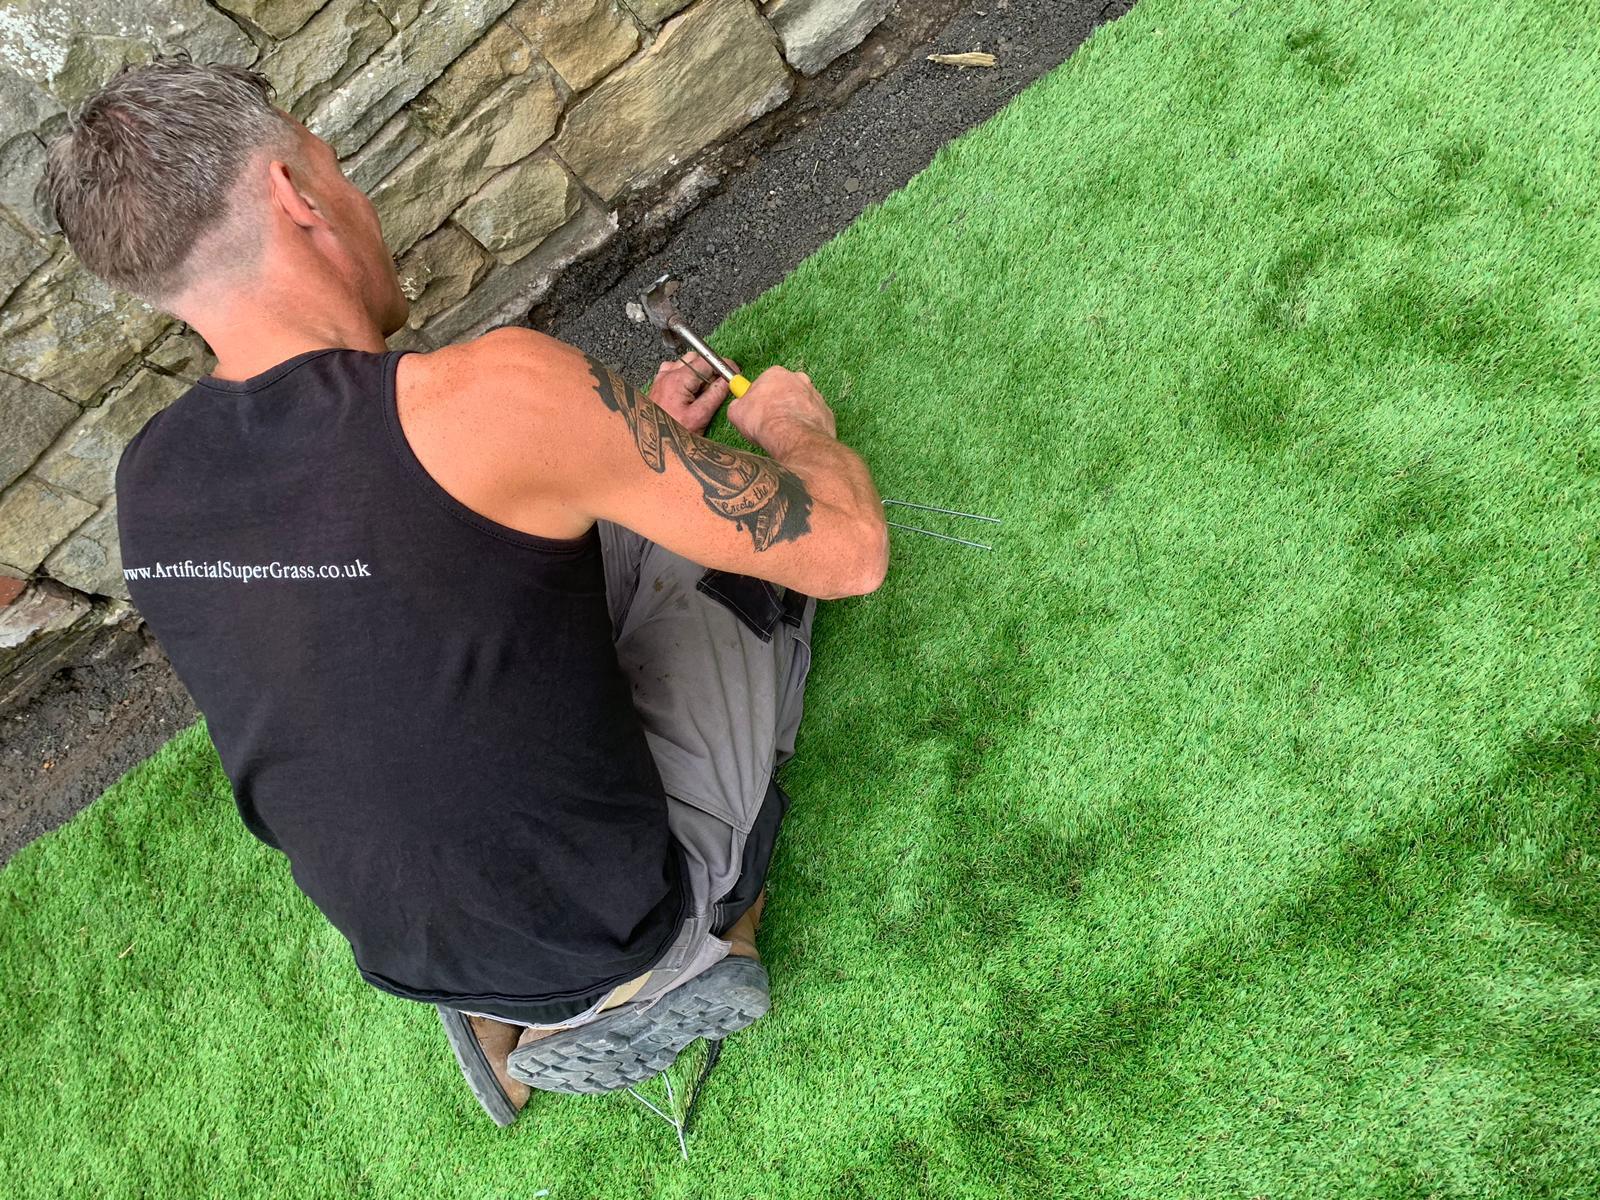 Plastic Grass Tyne and Wear Artificial Super Grass